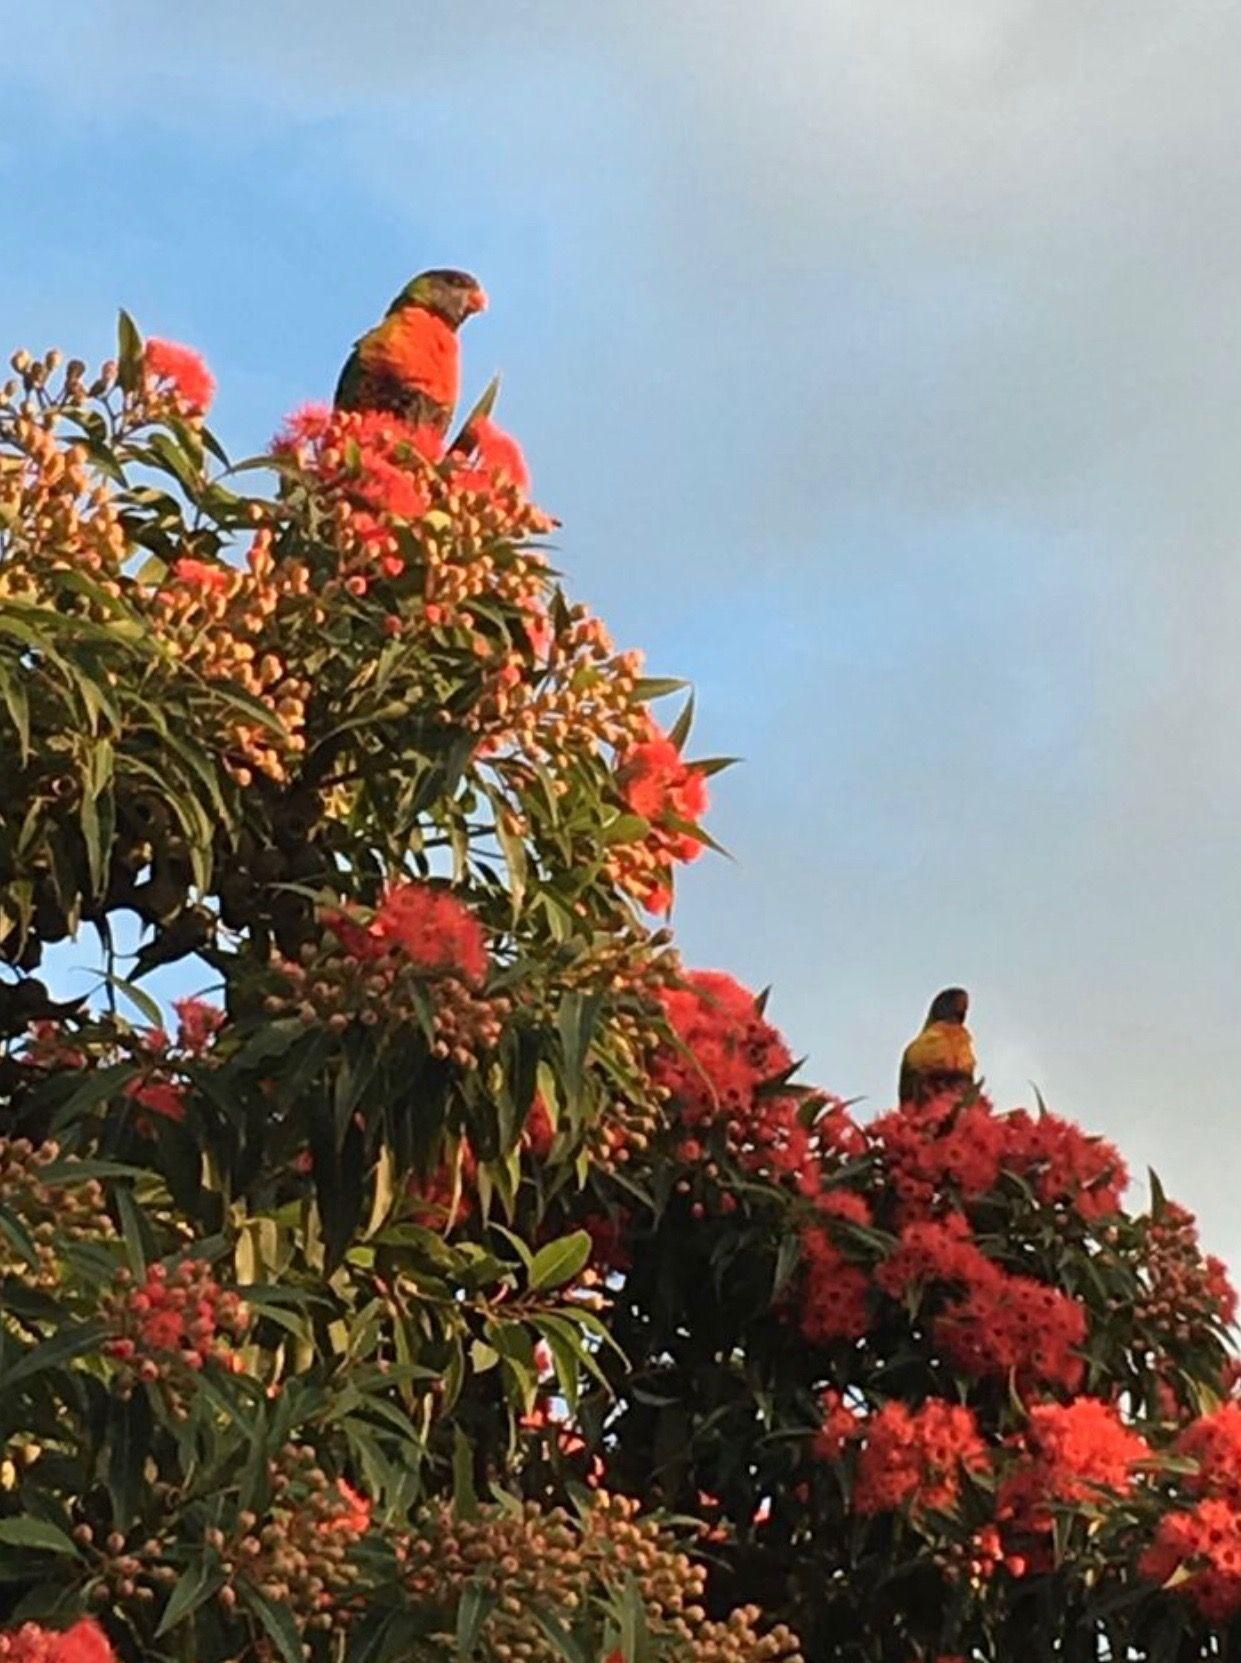 Rainbow lorikeets on red flowering eucalyptus (gum) trees